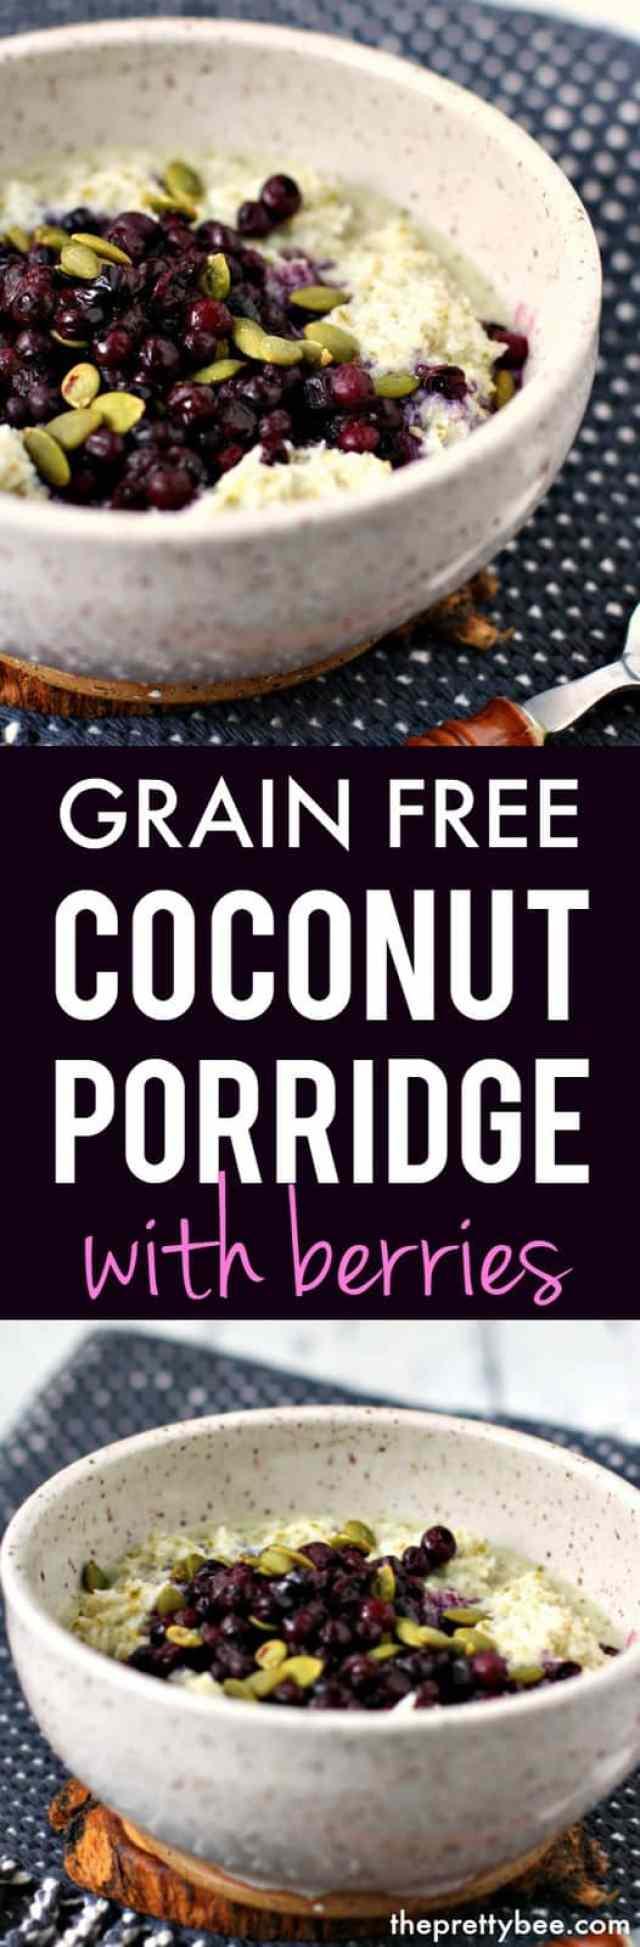 dairy free coconut porridge